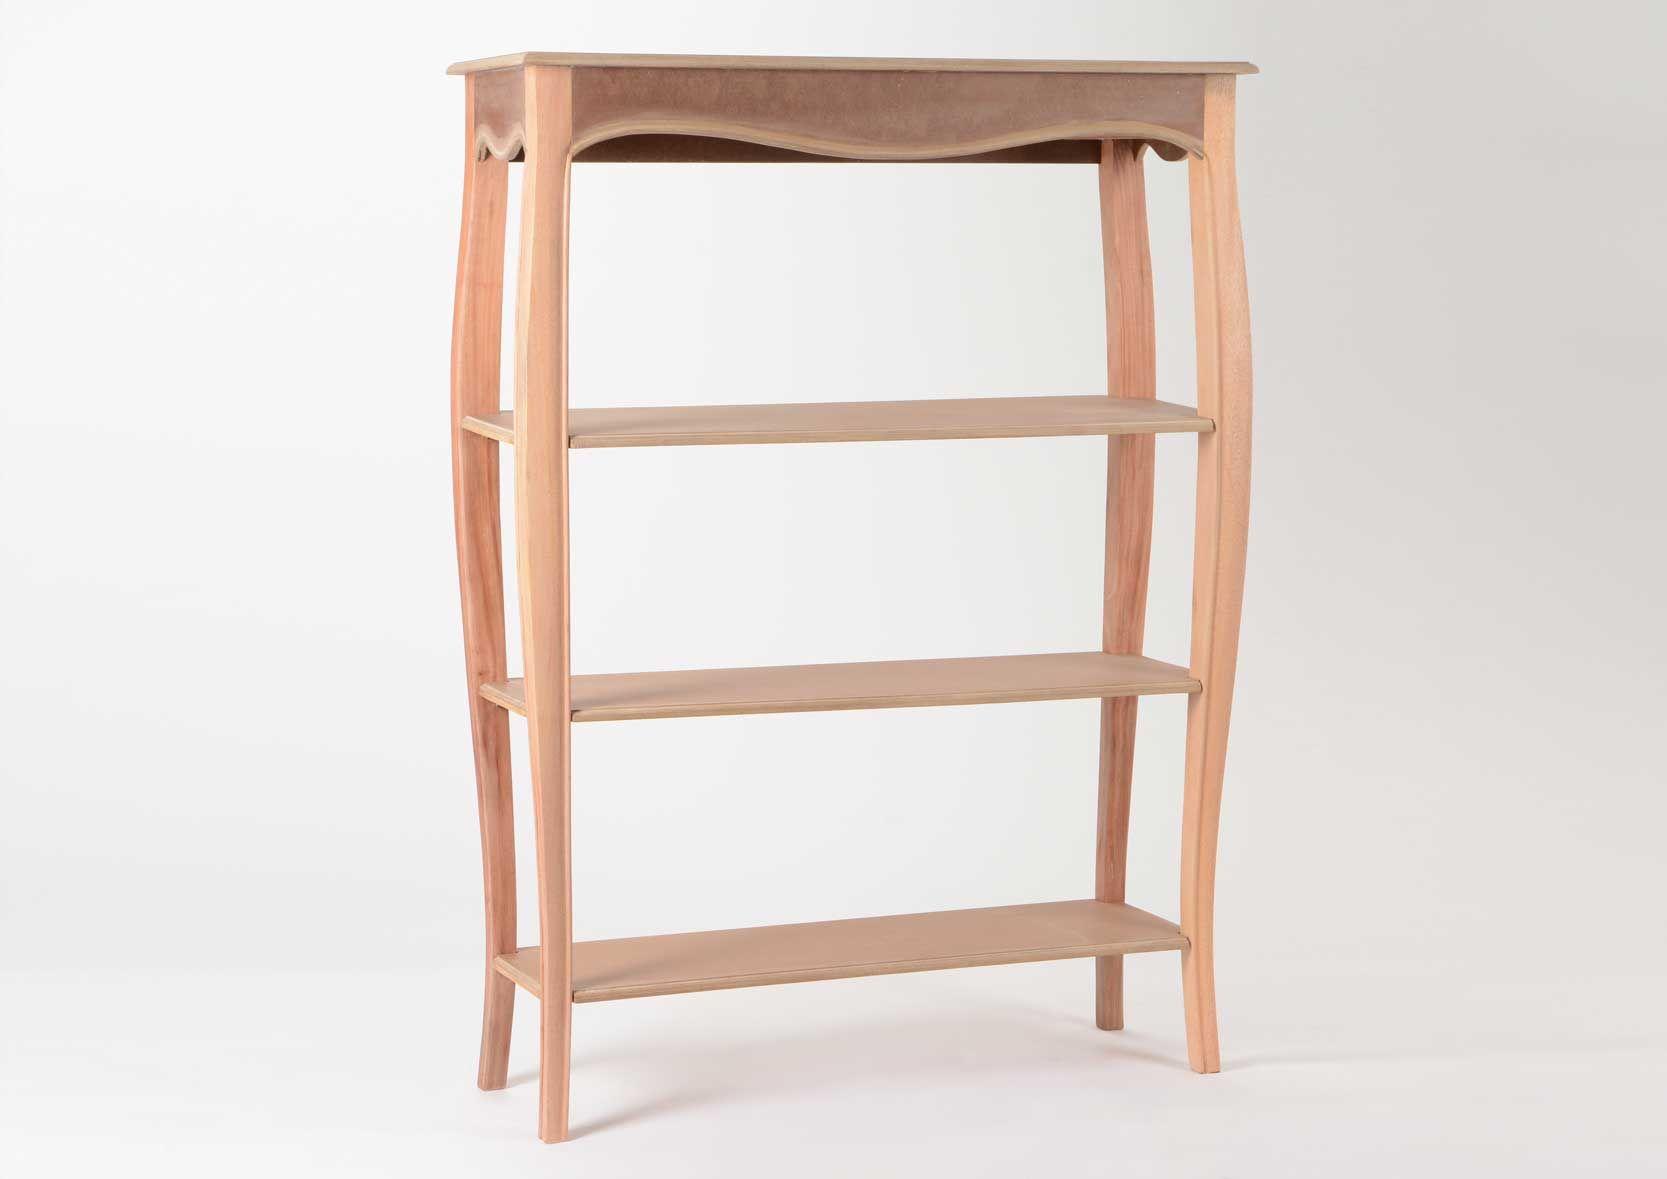 biblioth que en bois mdf merveille. Black Bedroom Furniture Sets. Home Design Ideas